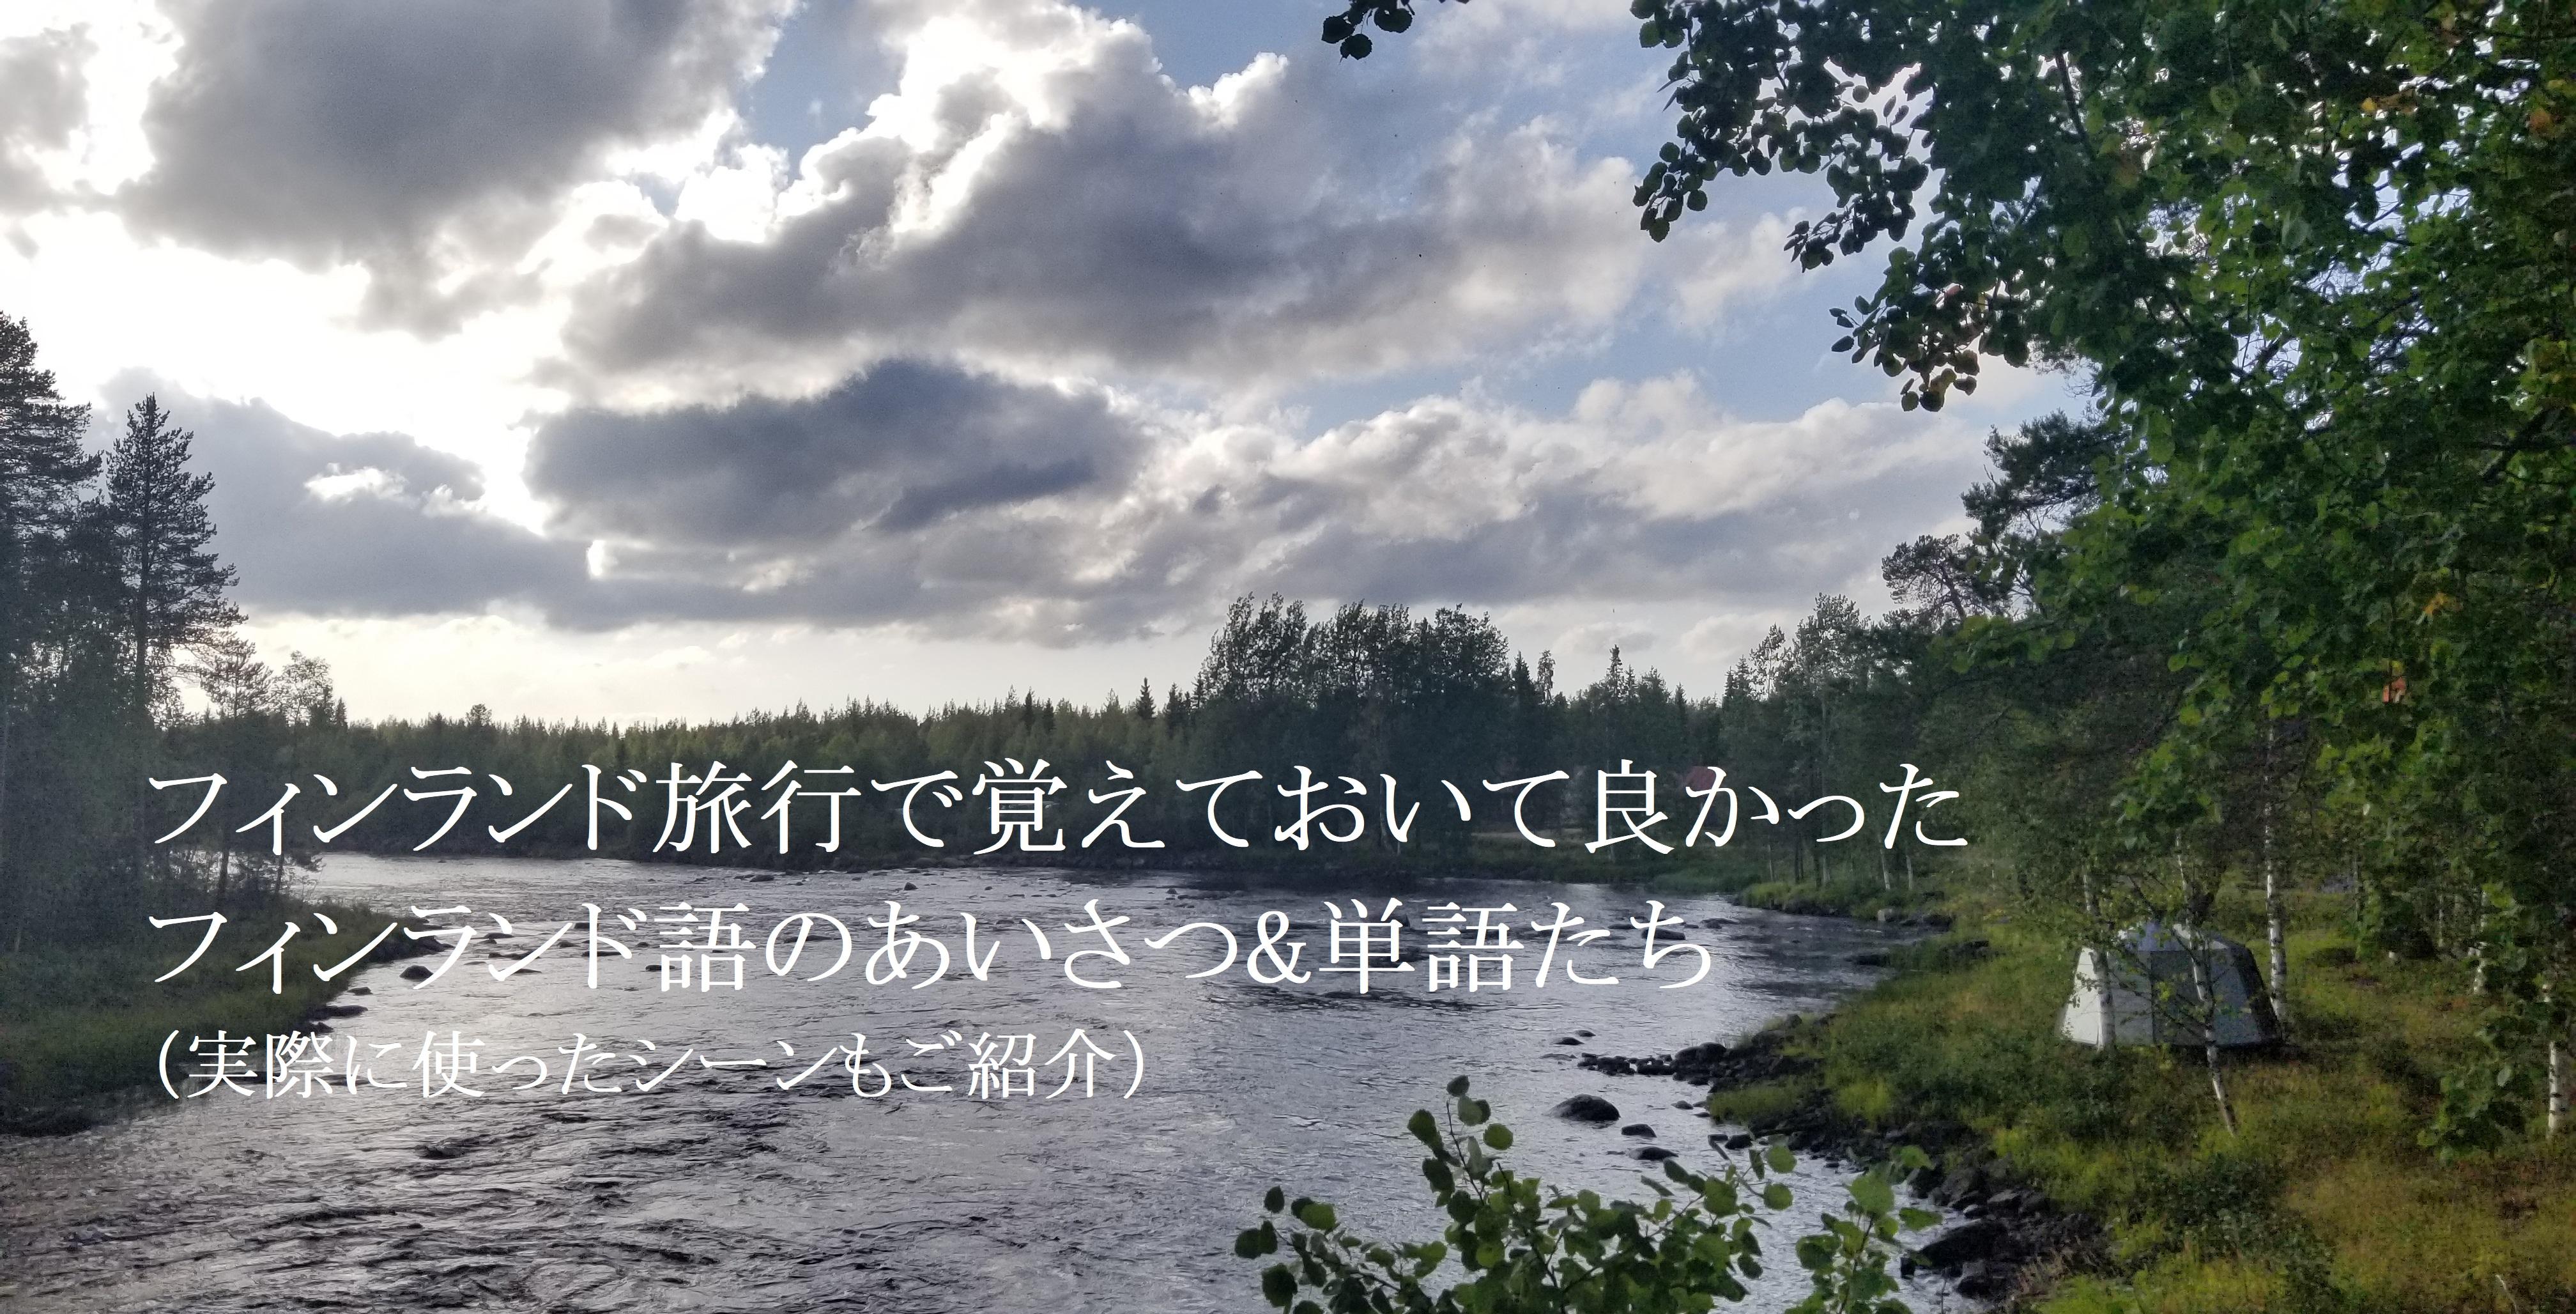 【フィンランド語の単語】旅行で使えた!便利なあいさつ等